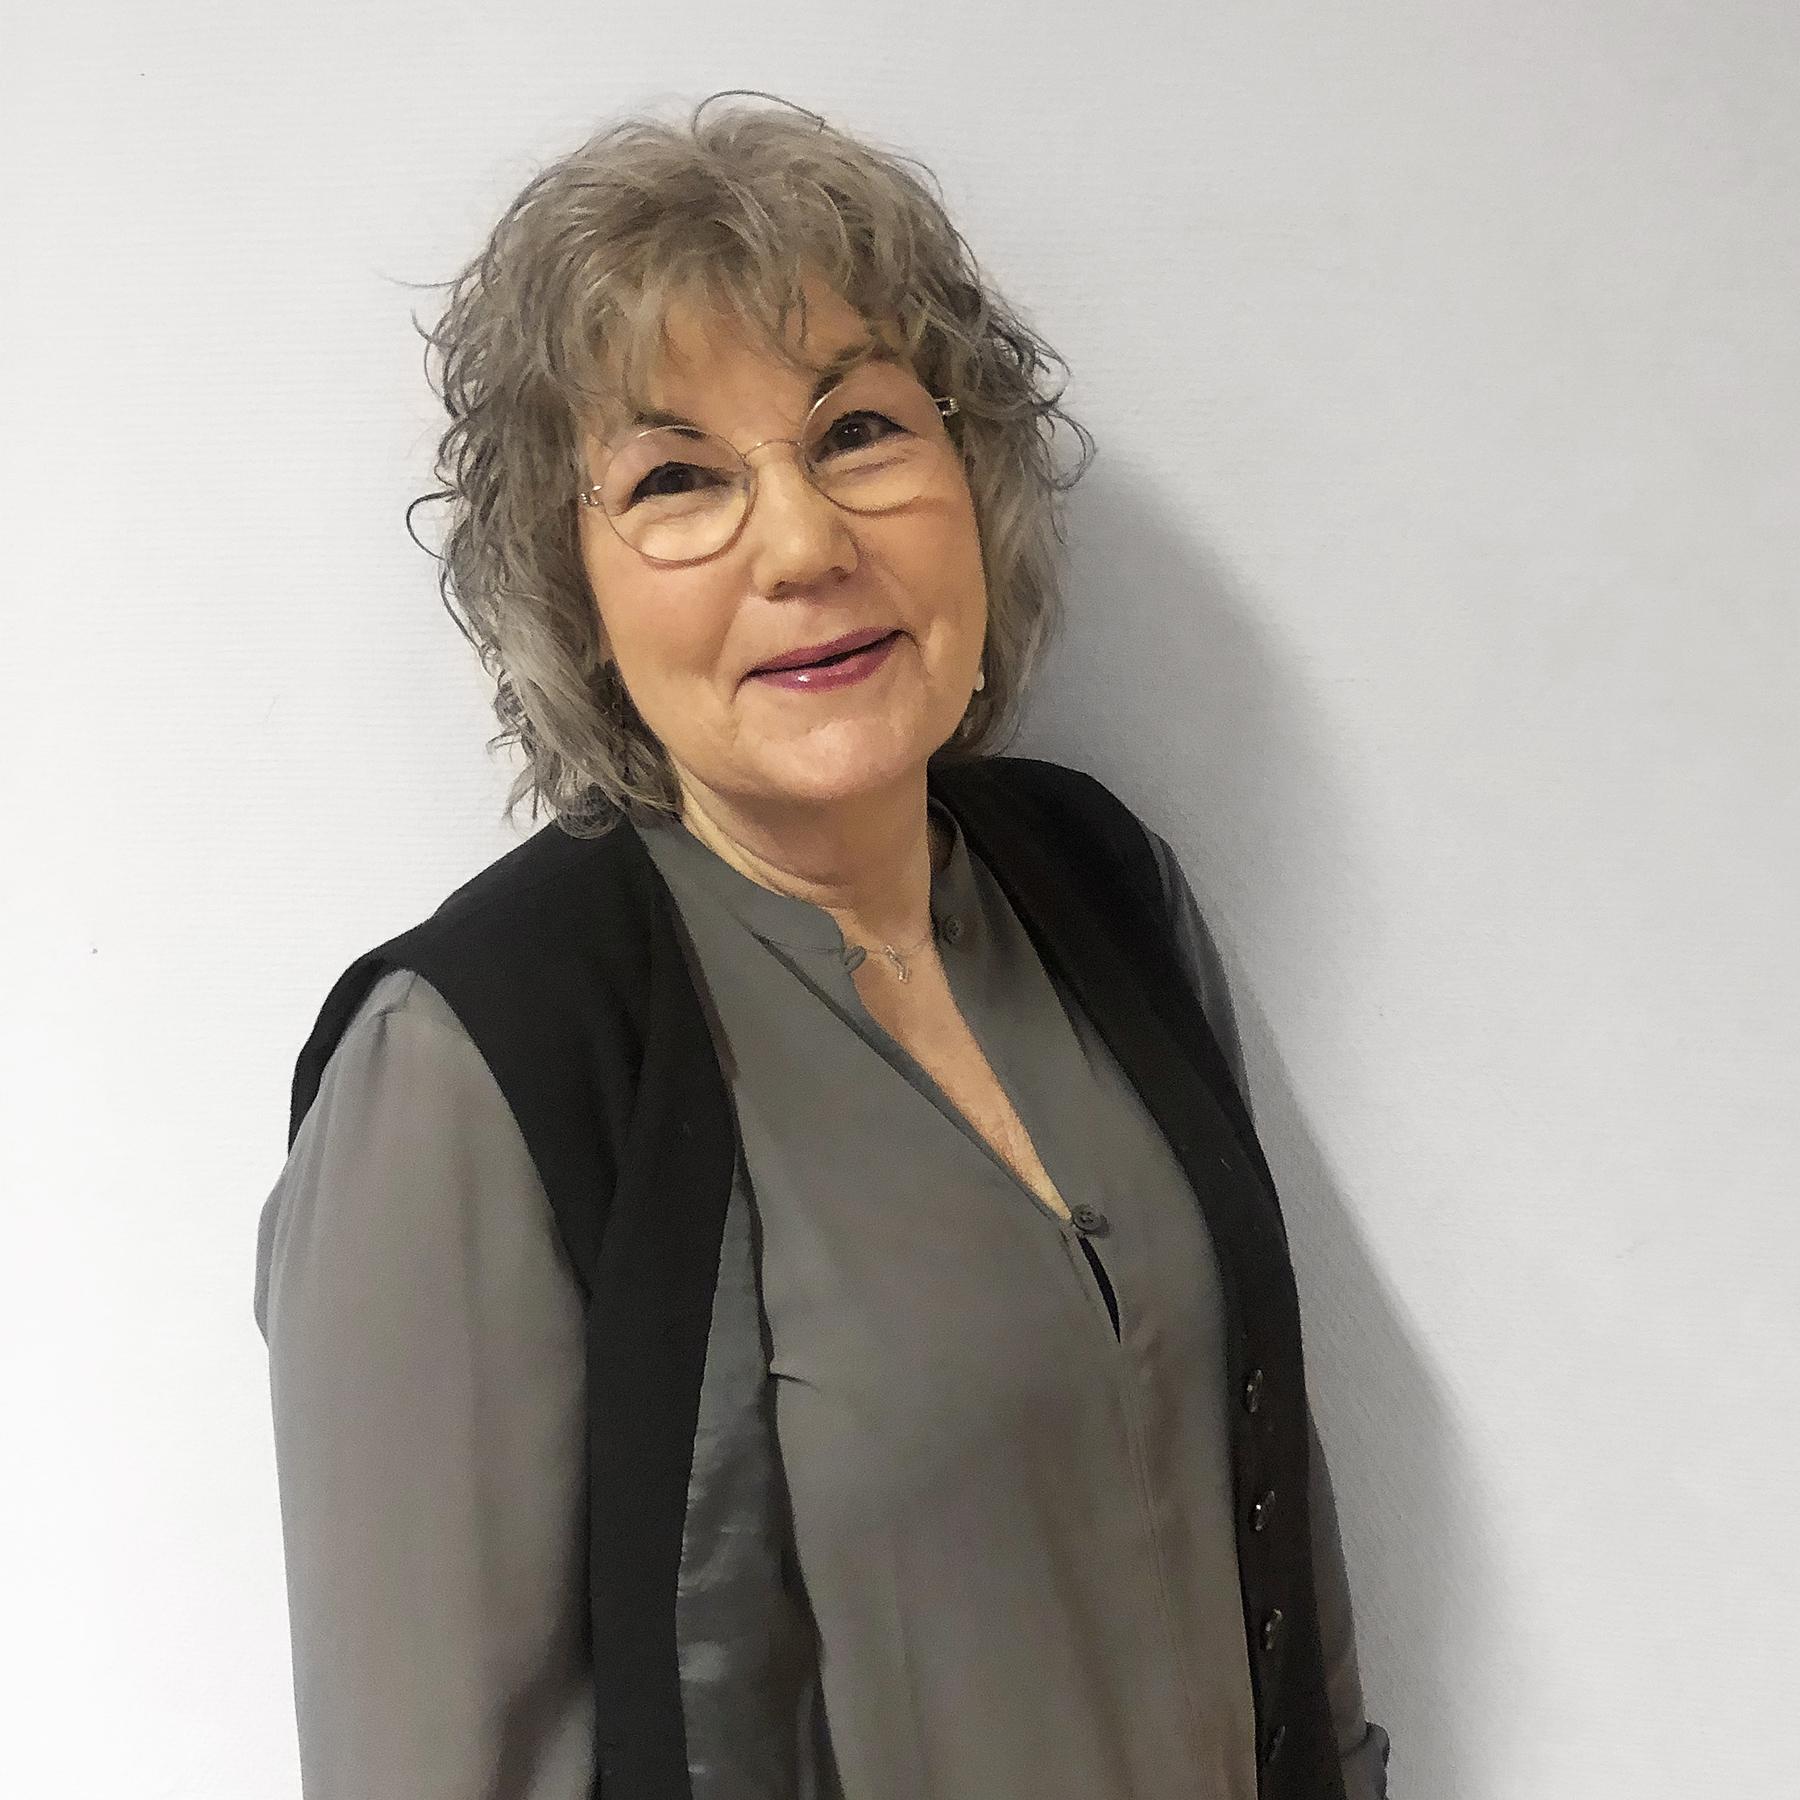 Maria Palmblad